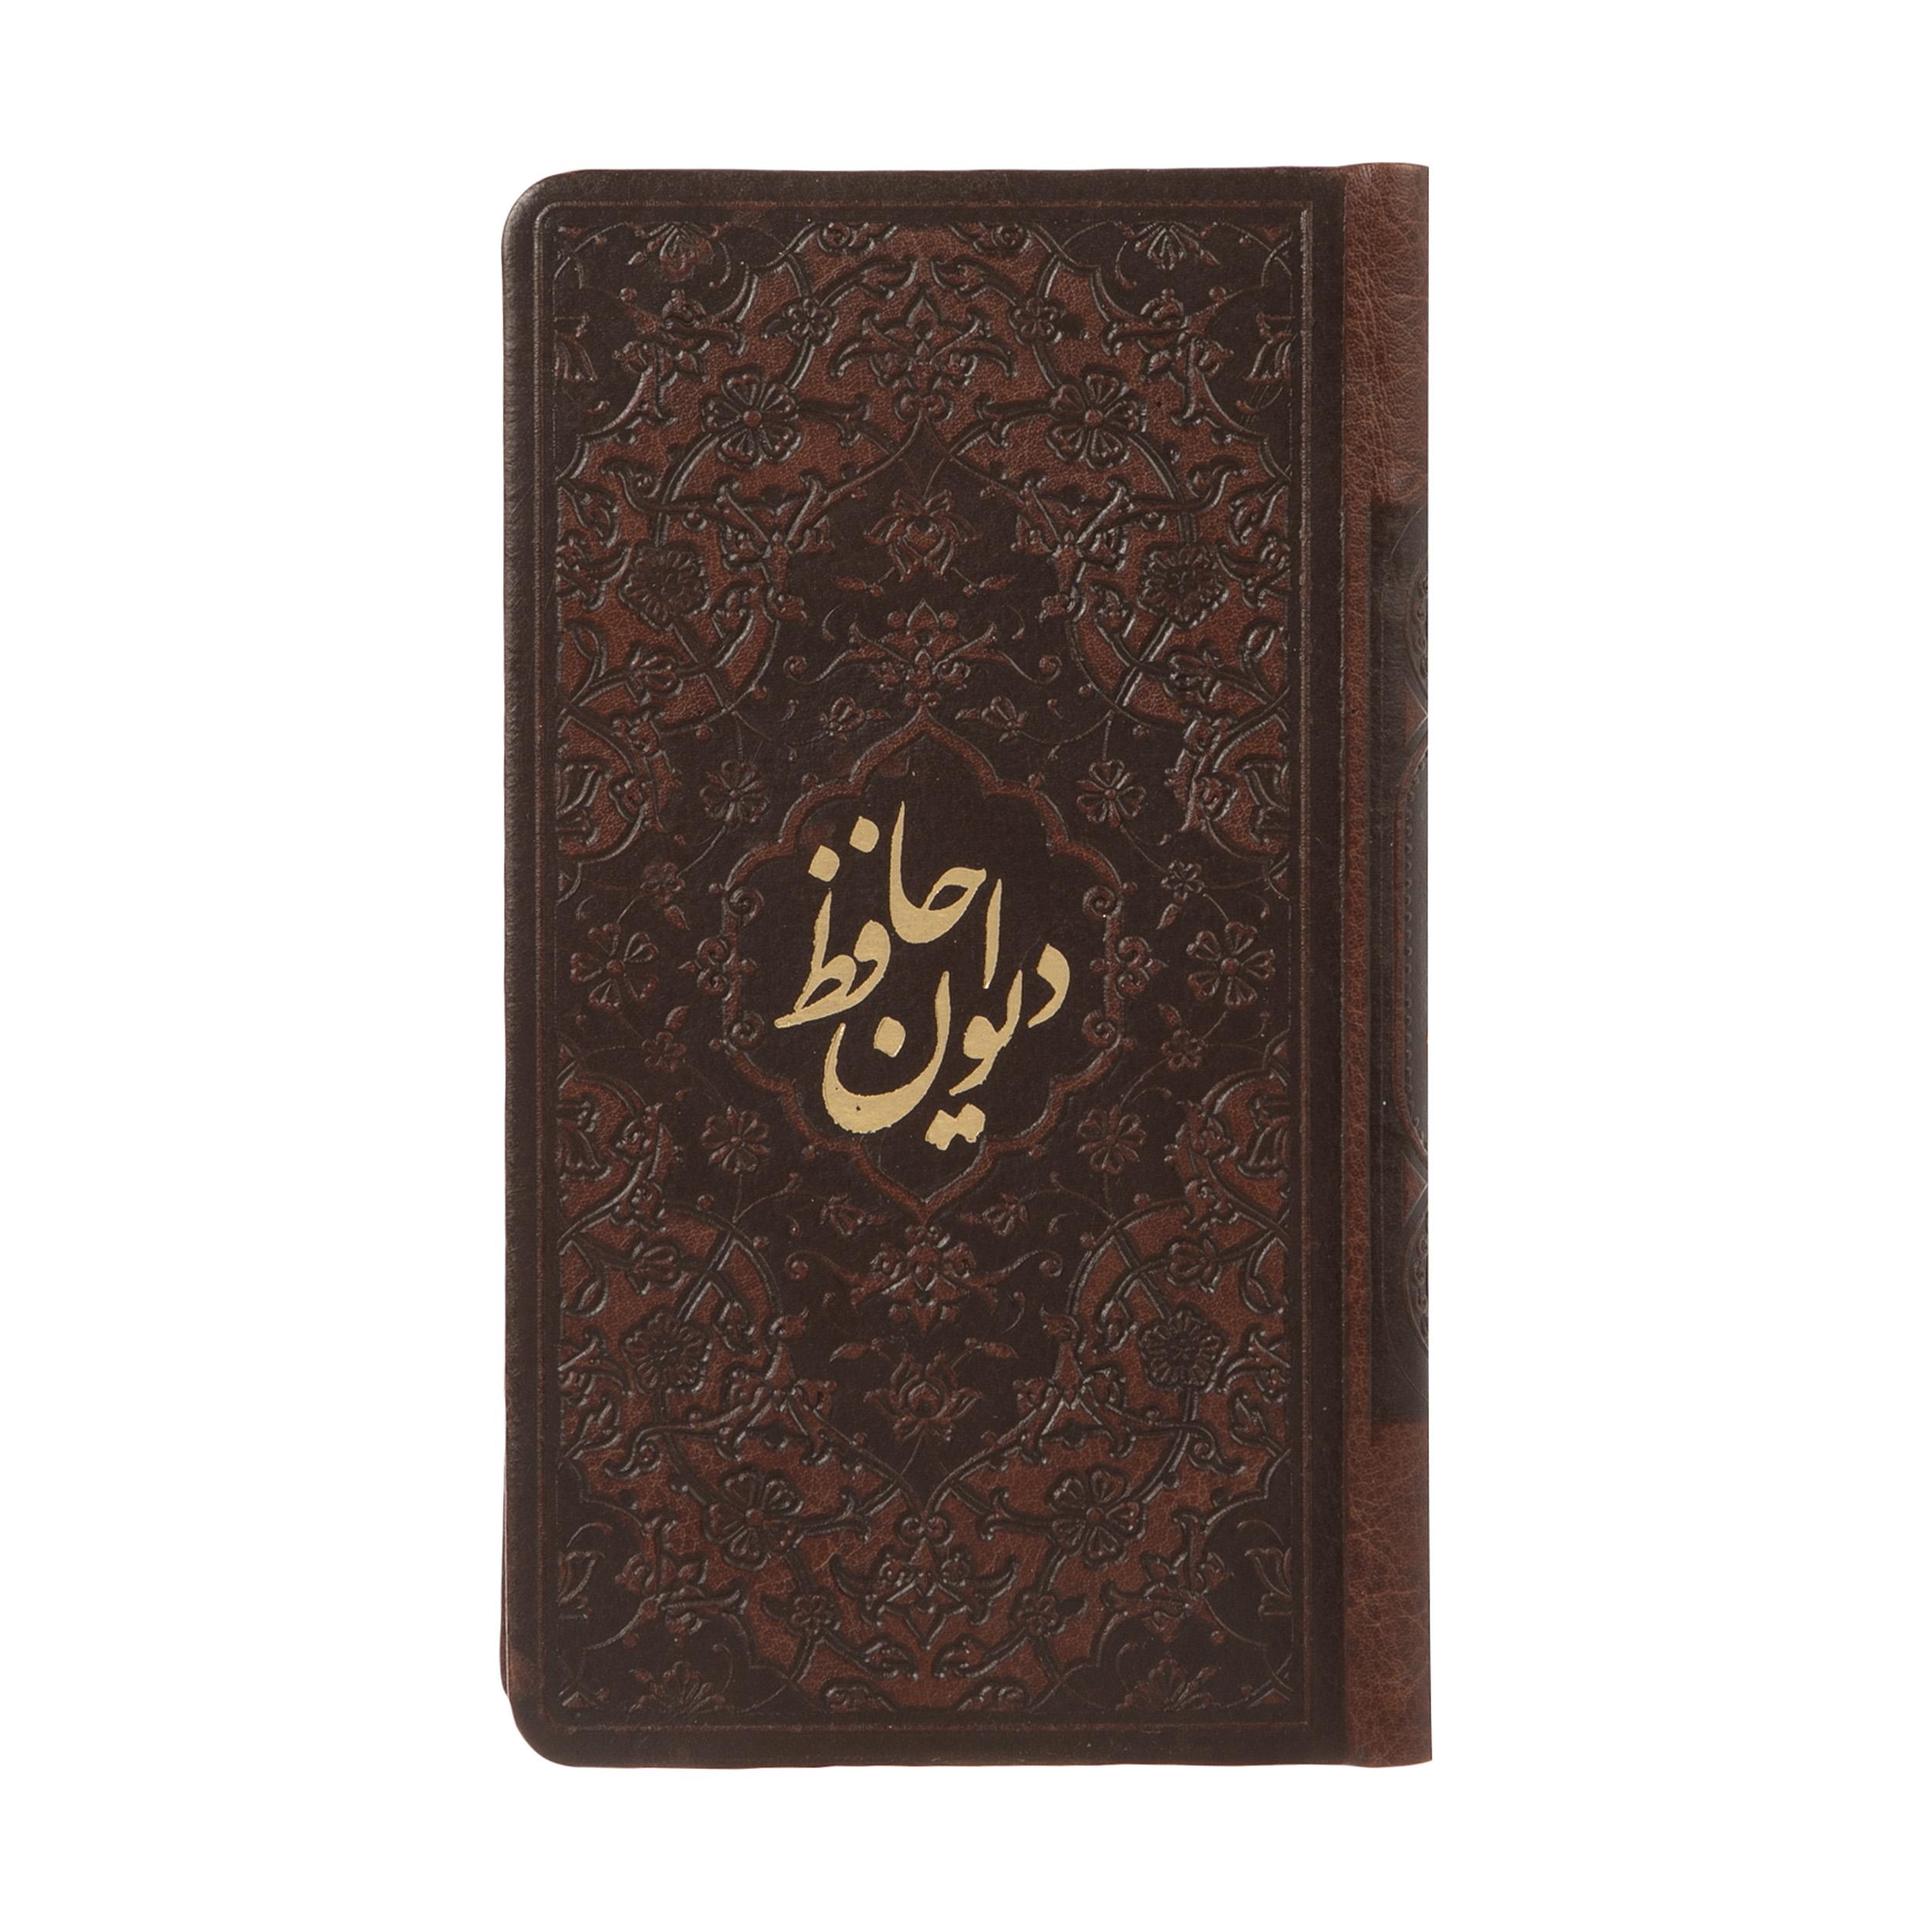 خرید                      کتاب دیوان حافظ اثر خواجه شمس الدین محمد حافظ شیرازی